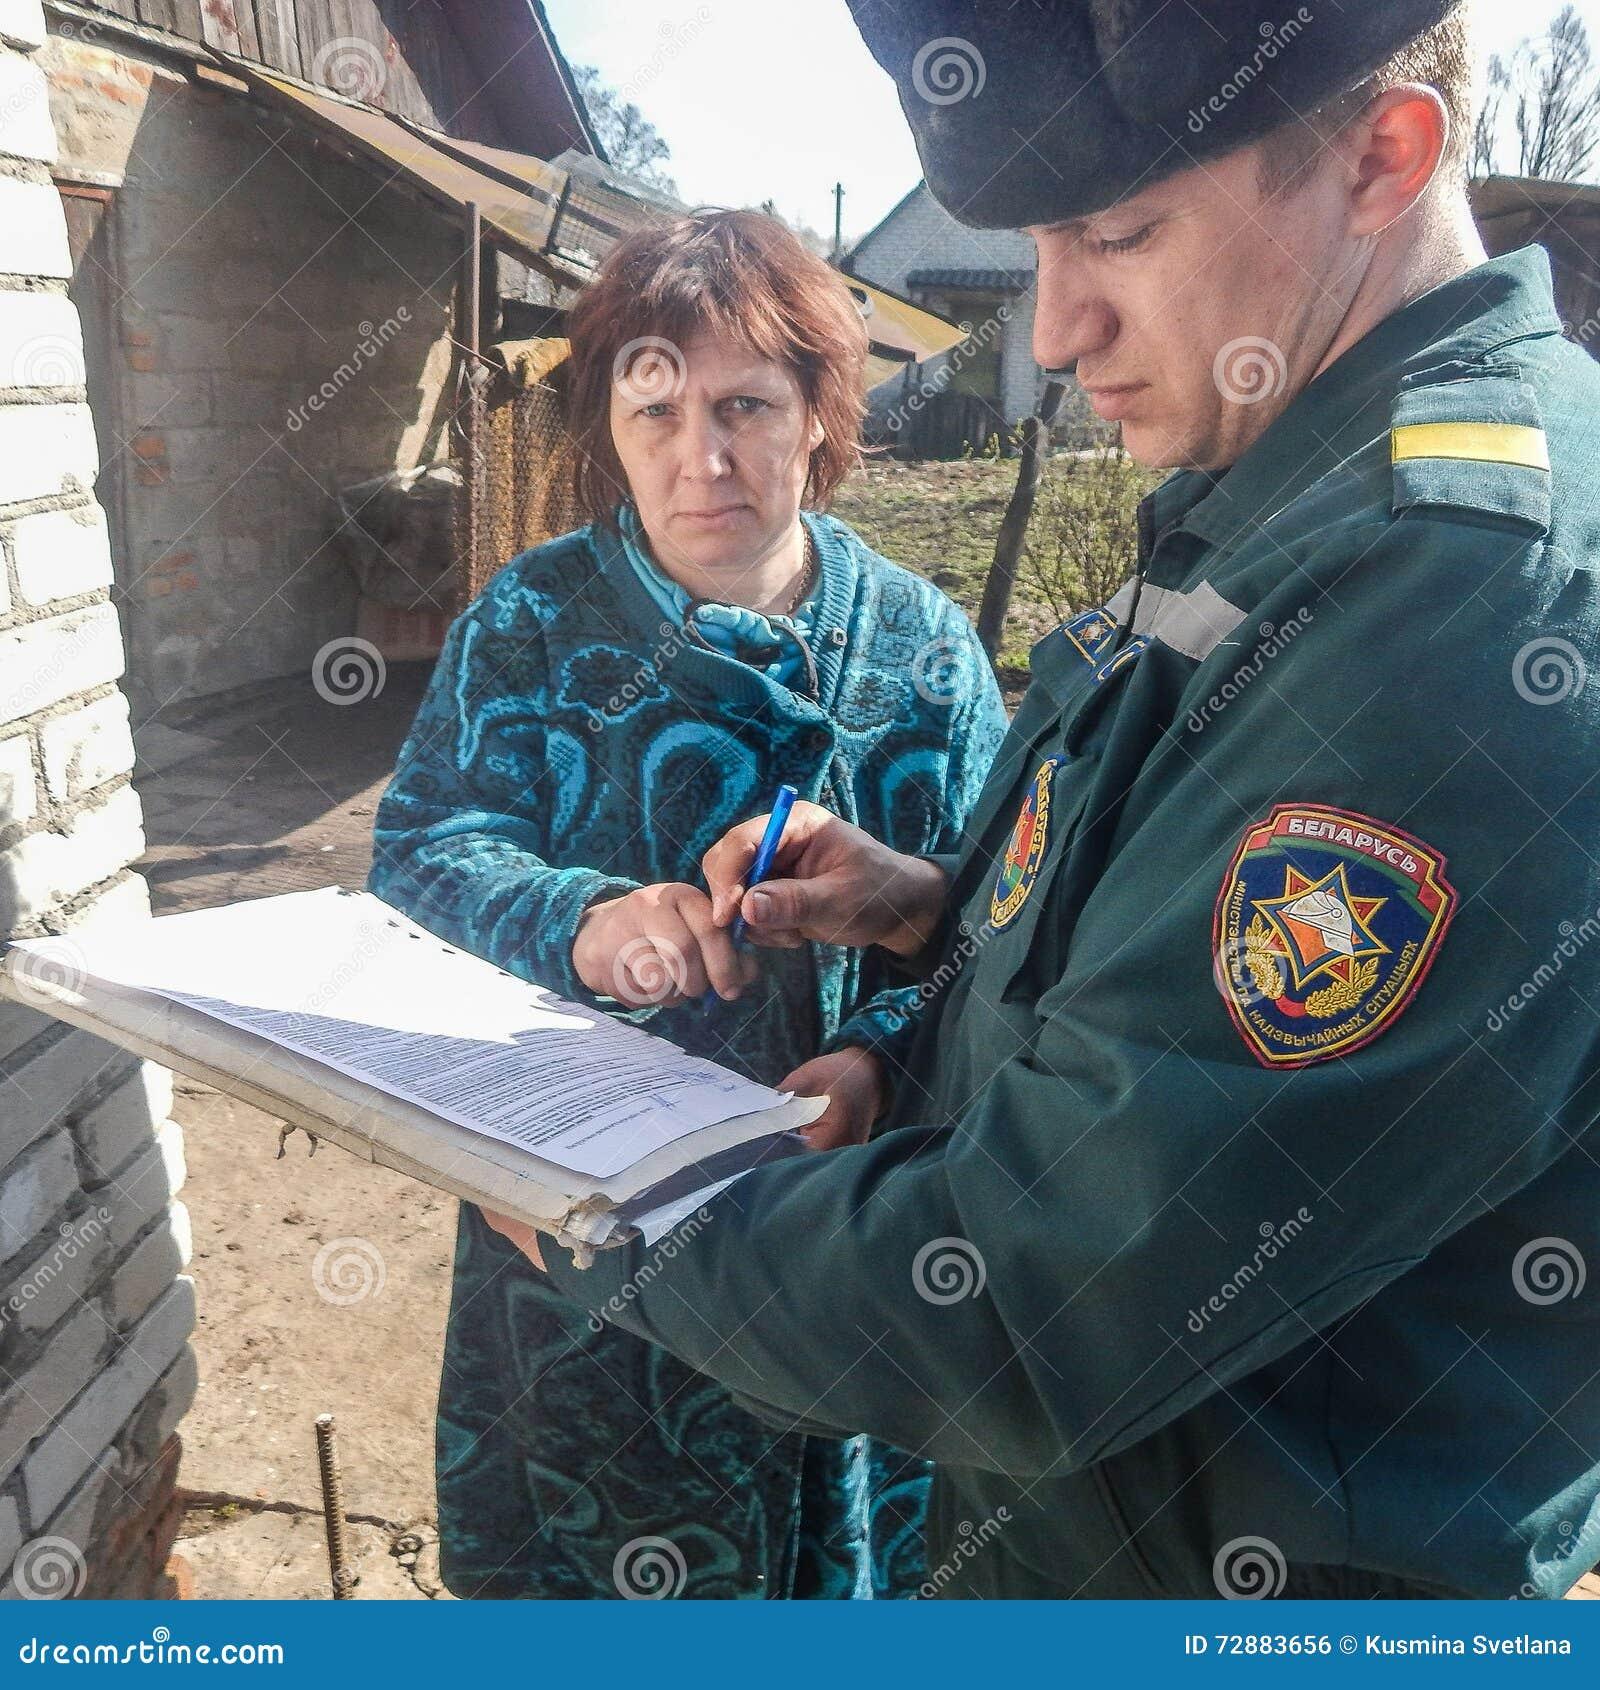 Les sapeurs-pompiers biélorusses inspectent des propriétés privées pour assurer la sécurité incendie dans la région de Gomel